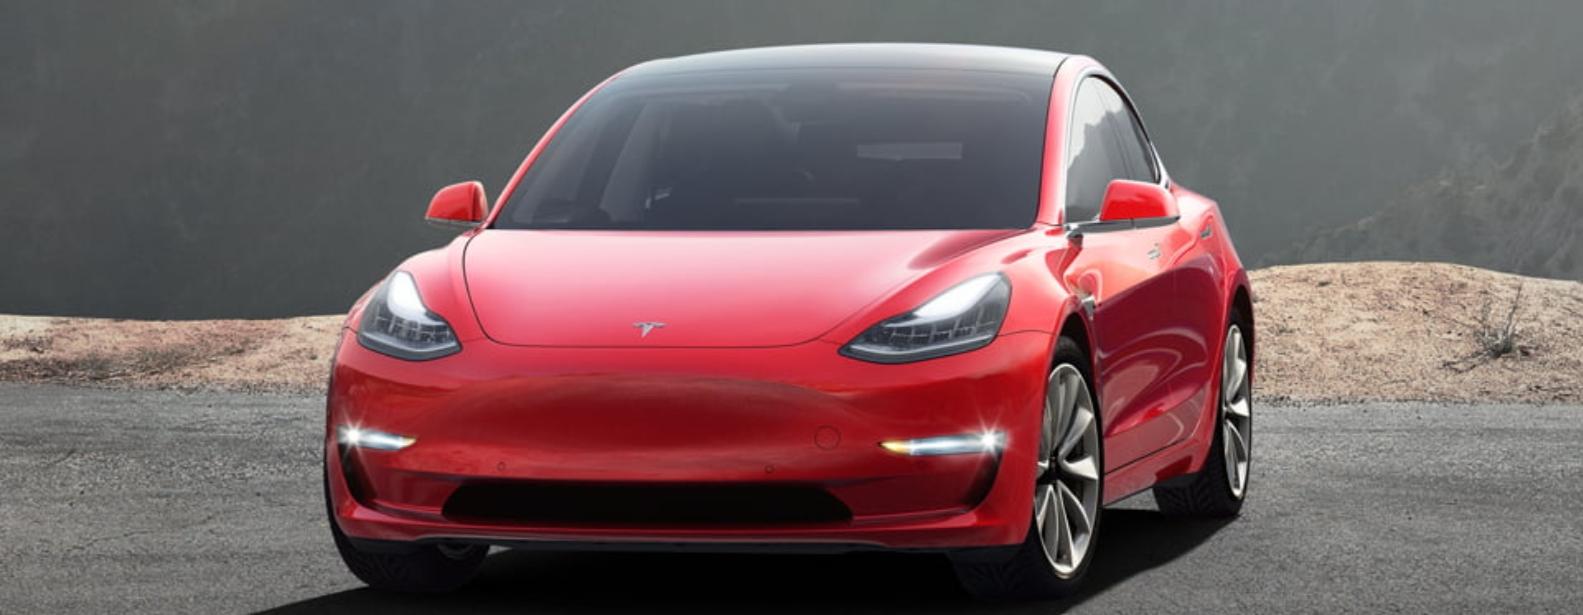 Sinte Tesla-kunder får beskjed om at deres Model 3 er forsinket